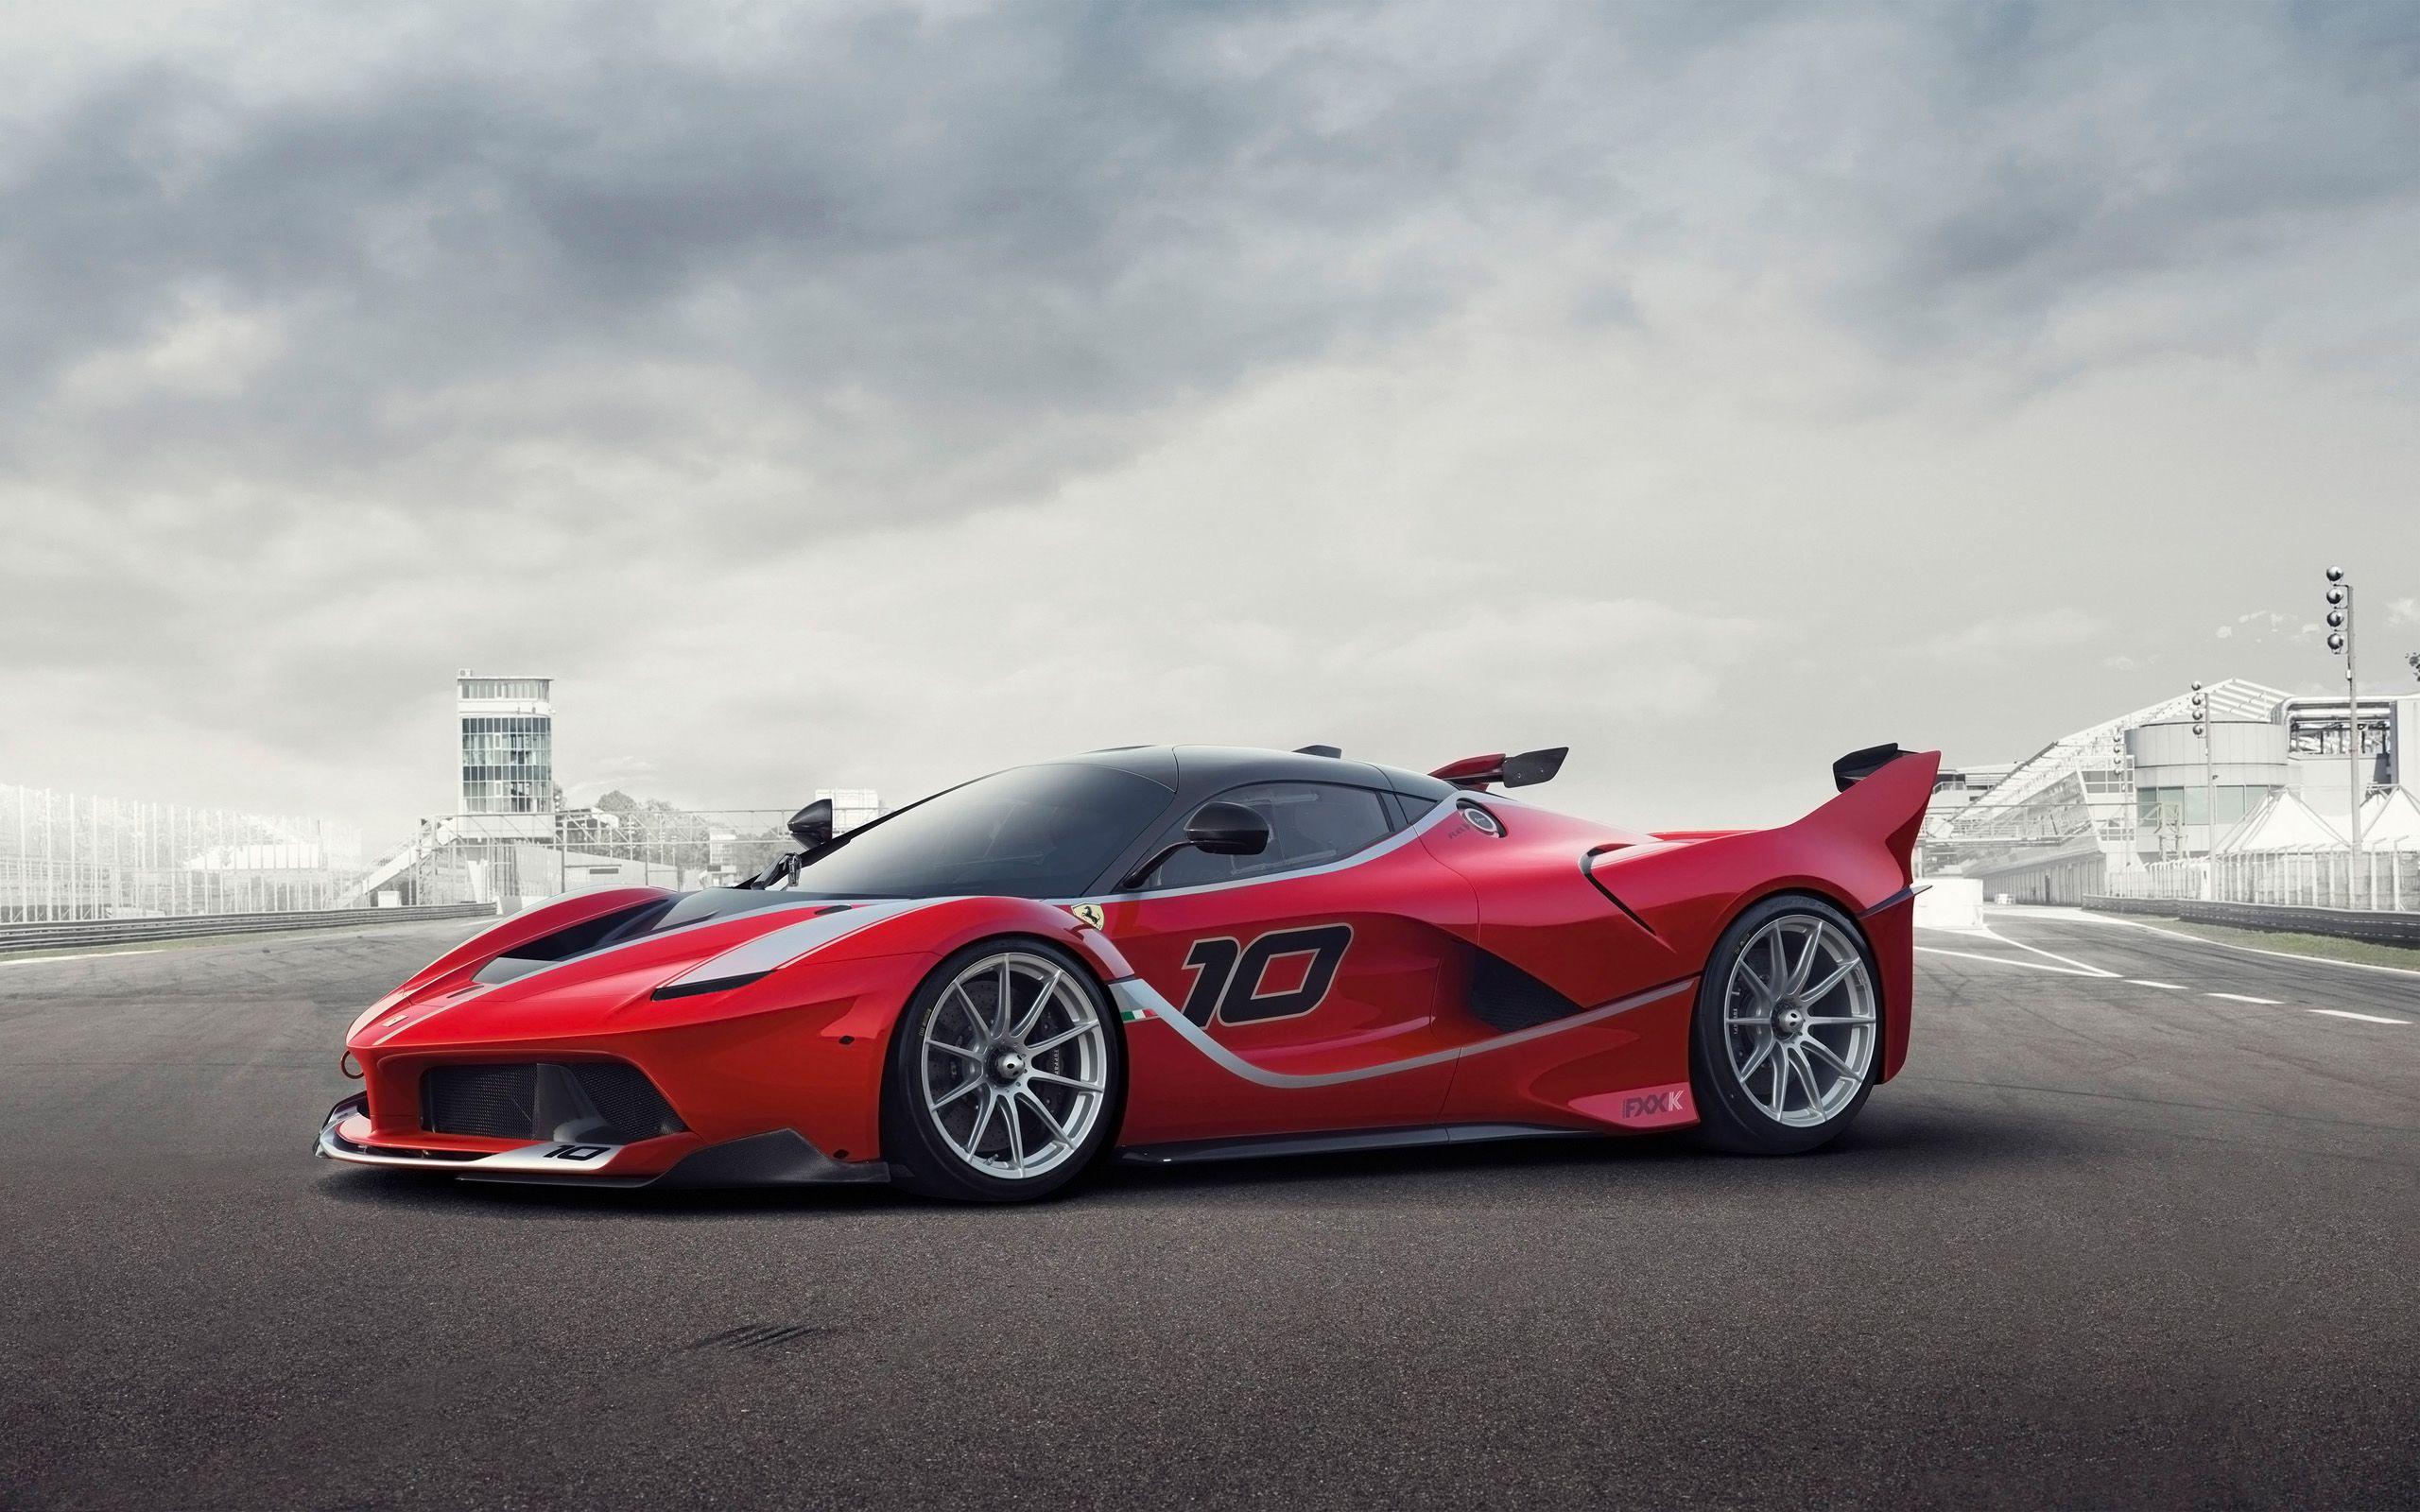 2015 Ferrari Fxx K 2 Car Hd Wallpaper Ferrari Fxxk Ferrari Fxx